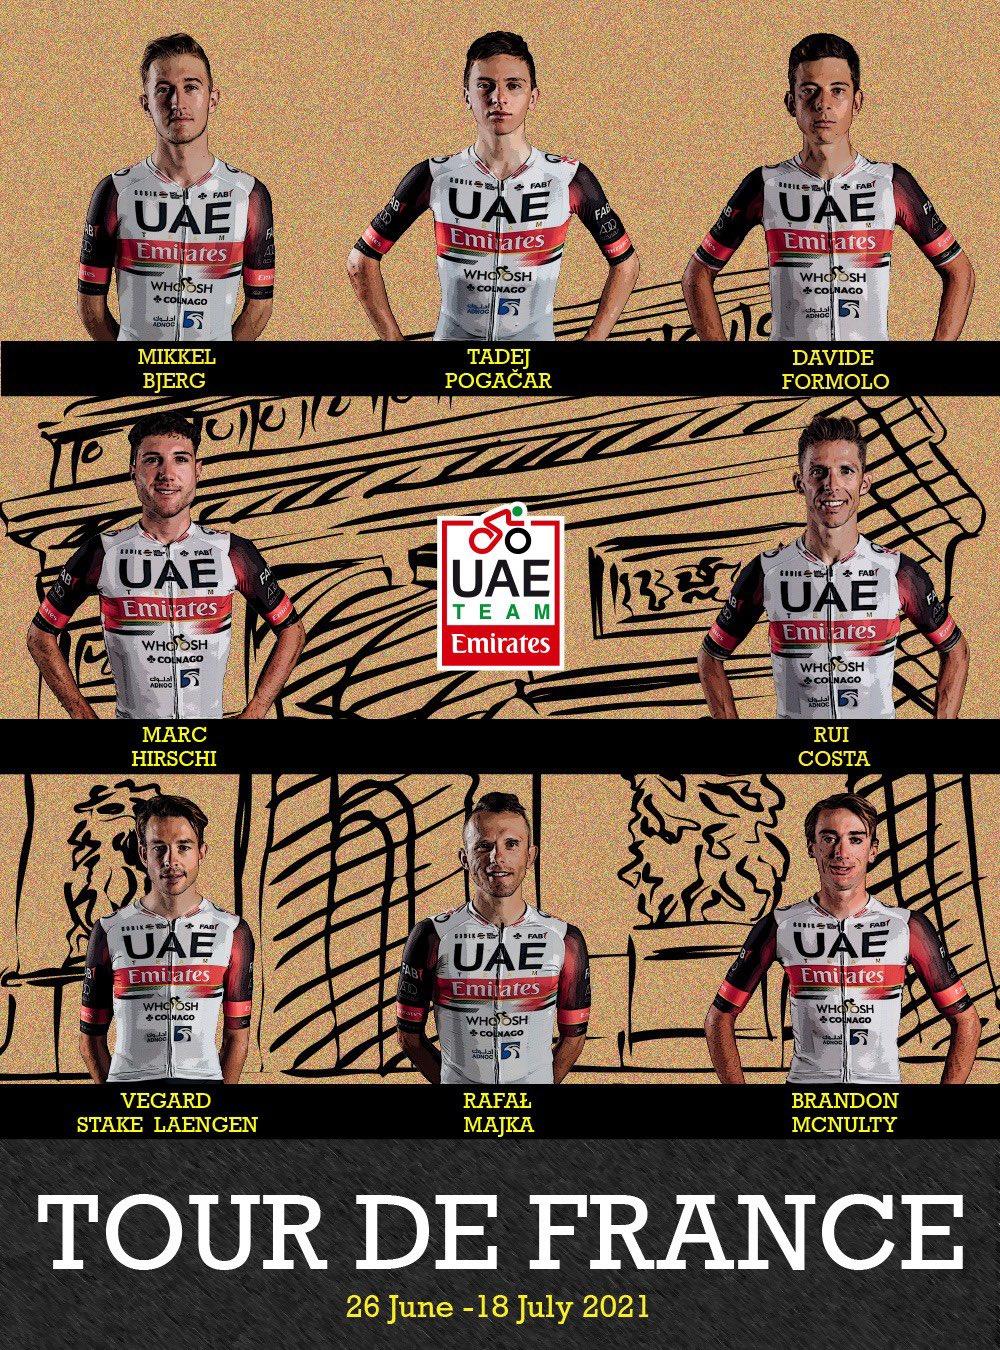 E4jl5KOXwAAs4HB?format=jpg&name=large - Tour de Francia: Eslovenia vs INEOS